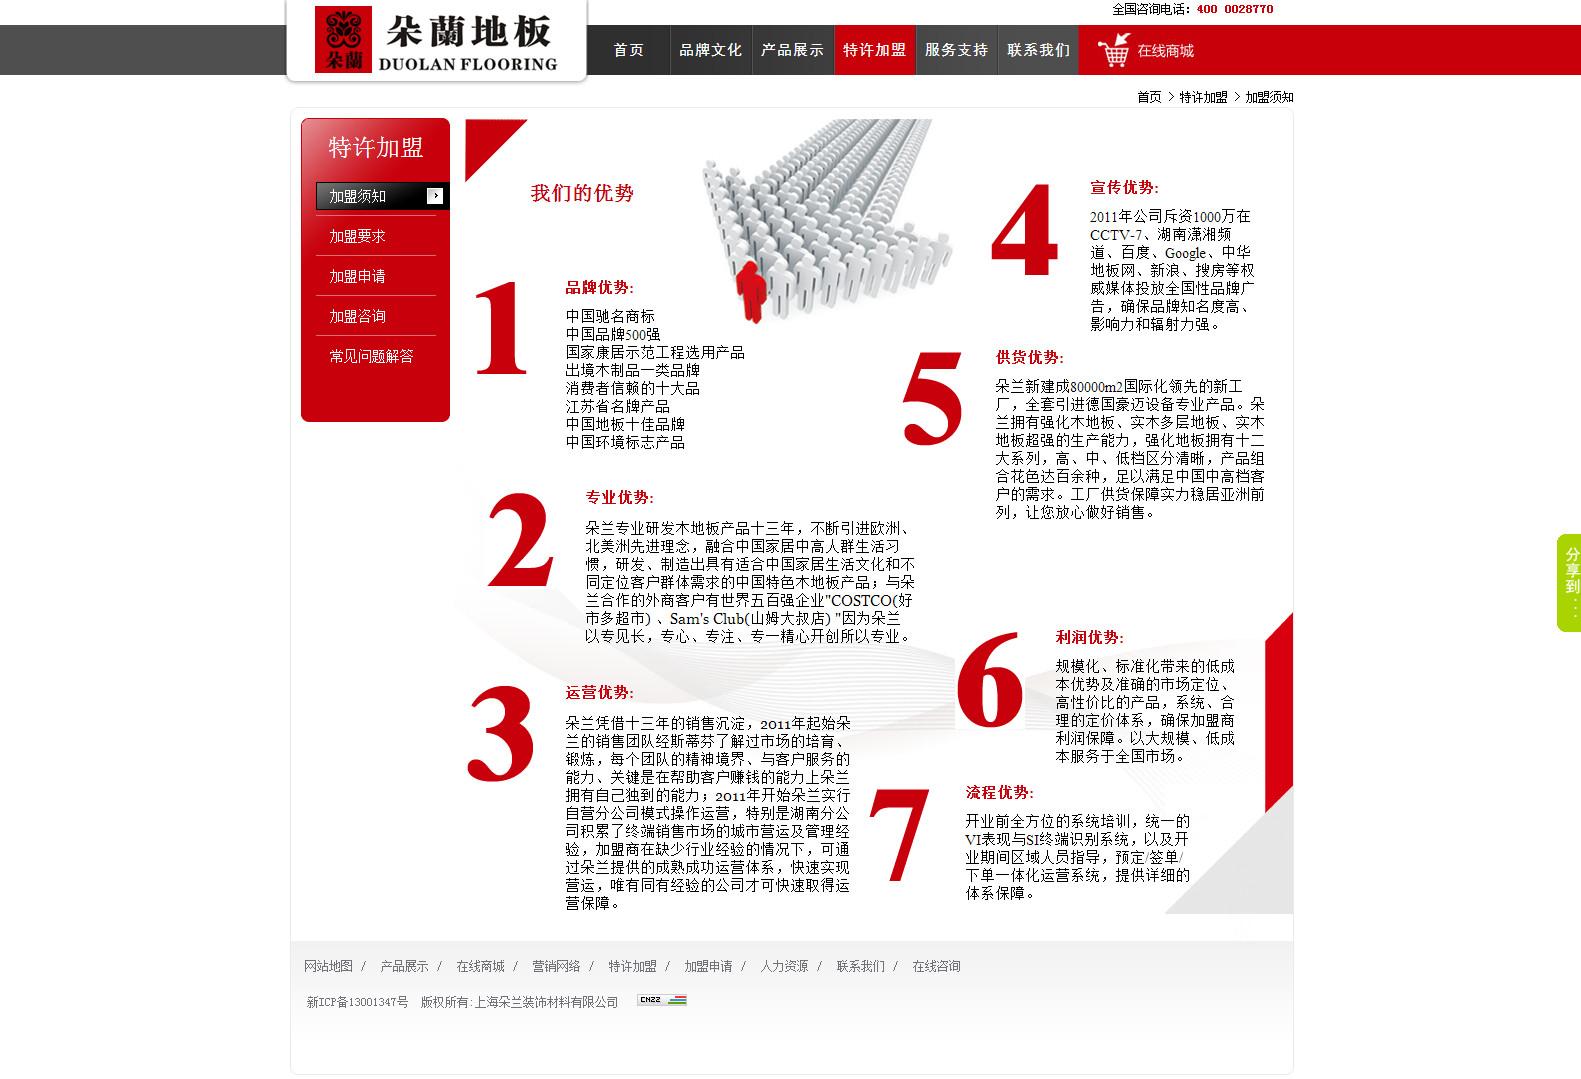 上海朵兰装饰材料有限公司特许加盟页